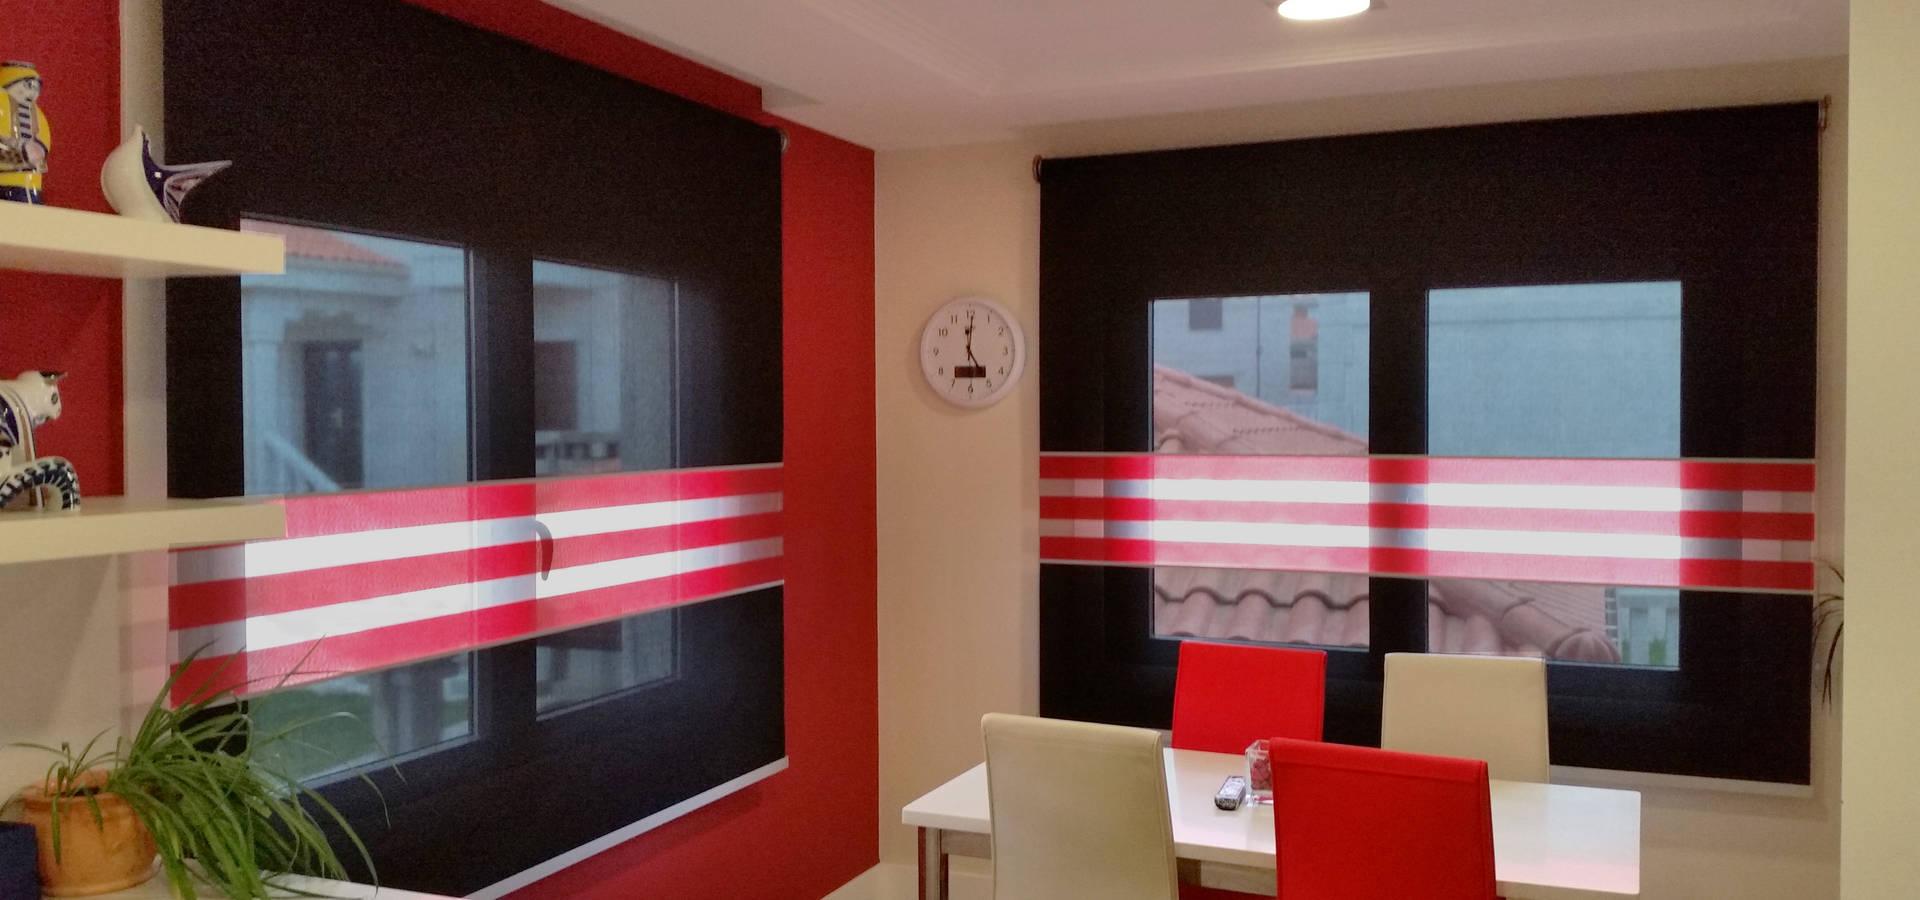 Estores enrollables y alfombra para una moderna cocina por for Estores cocina ikea